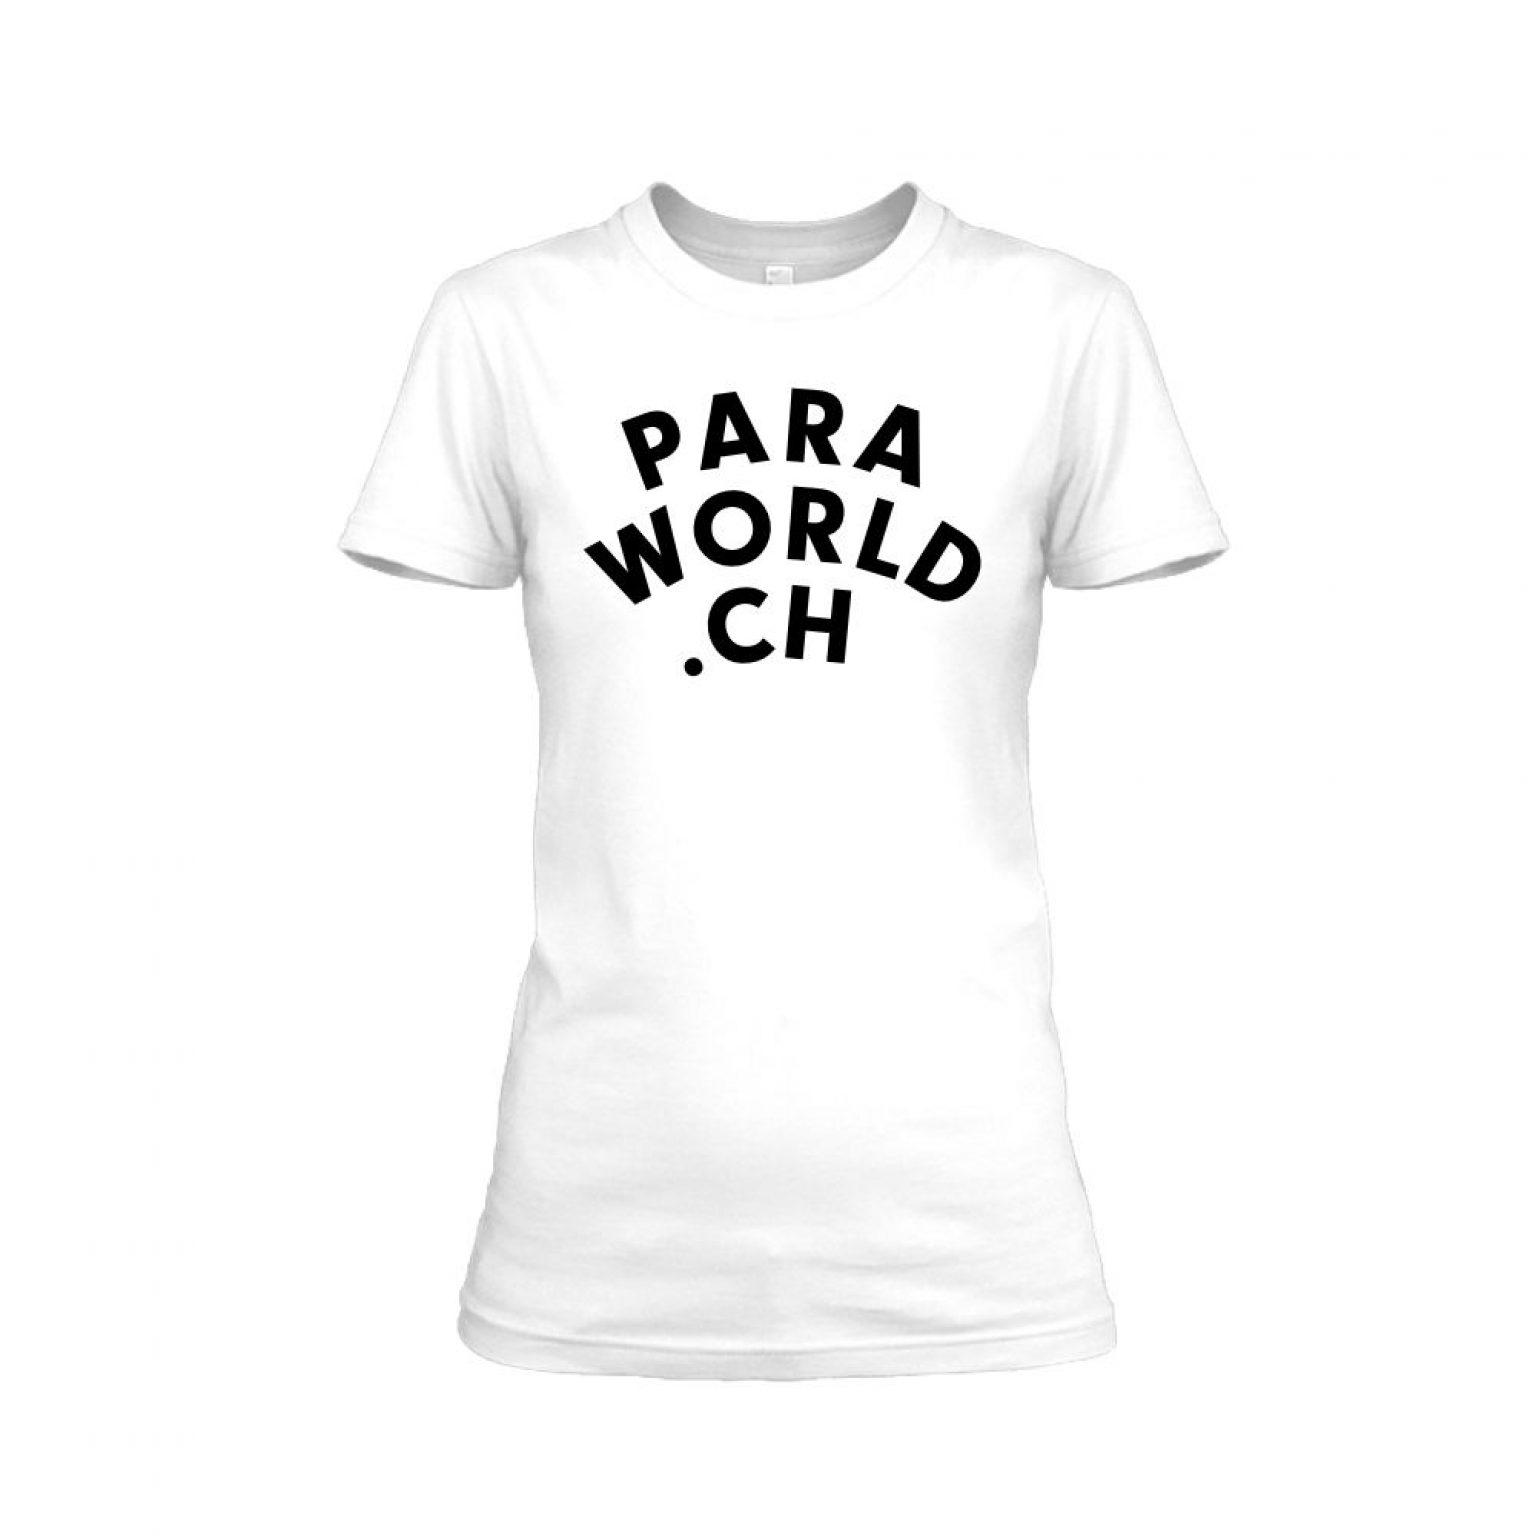 PW ClassicBlack shirt damen weiss